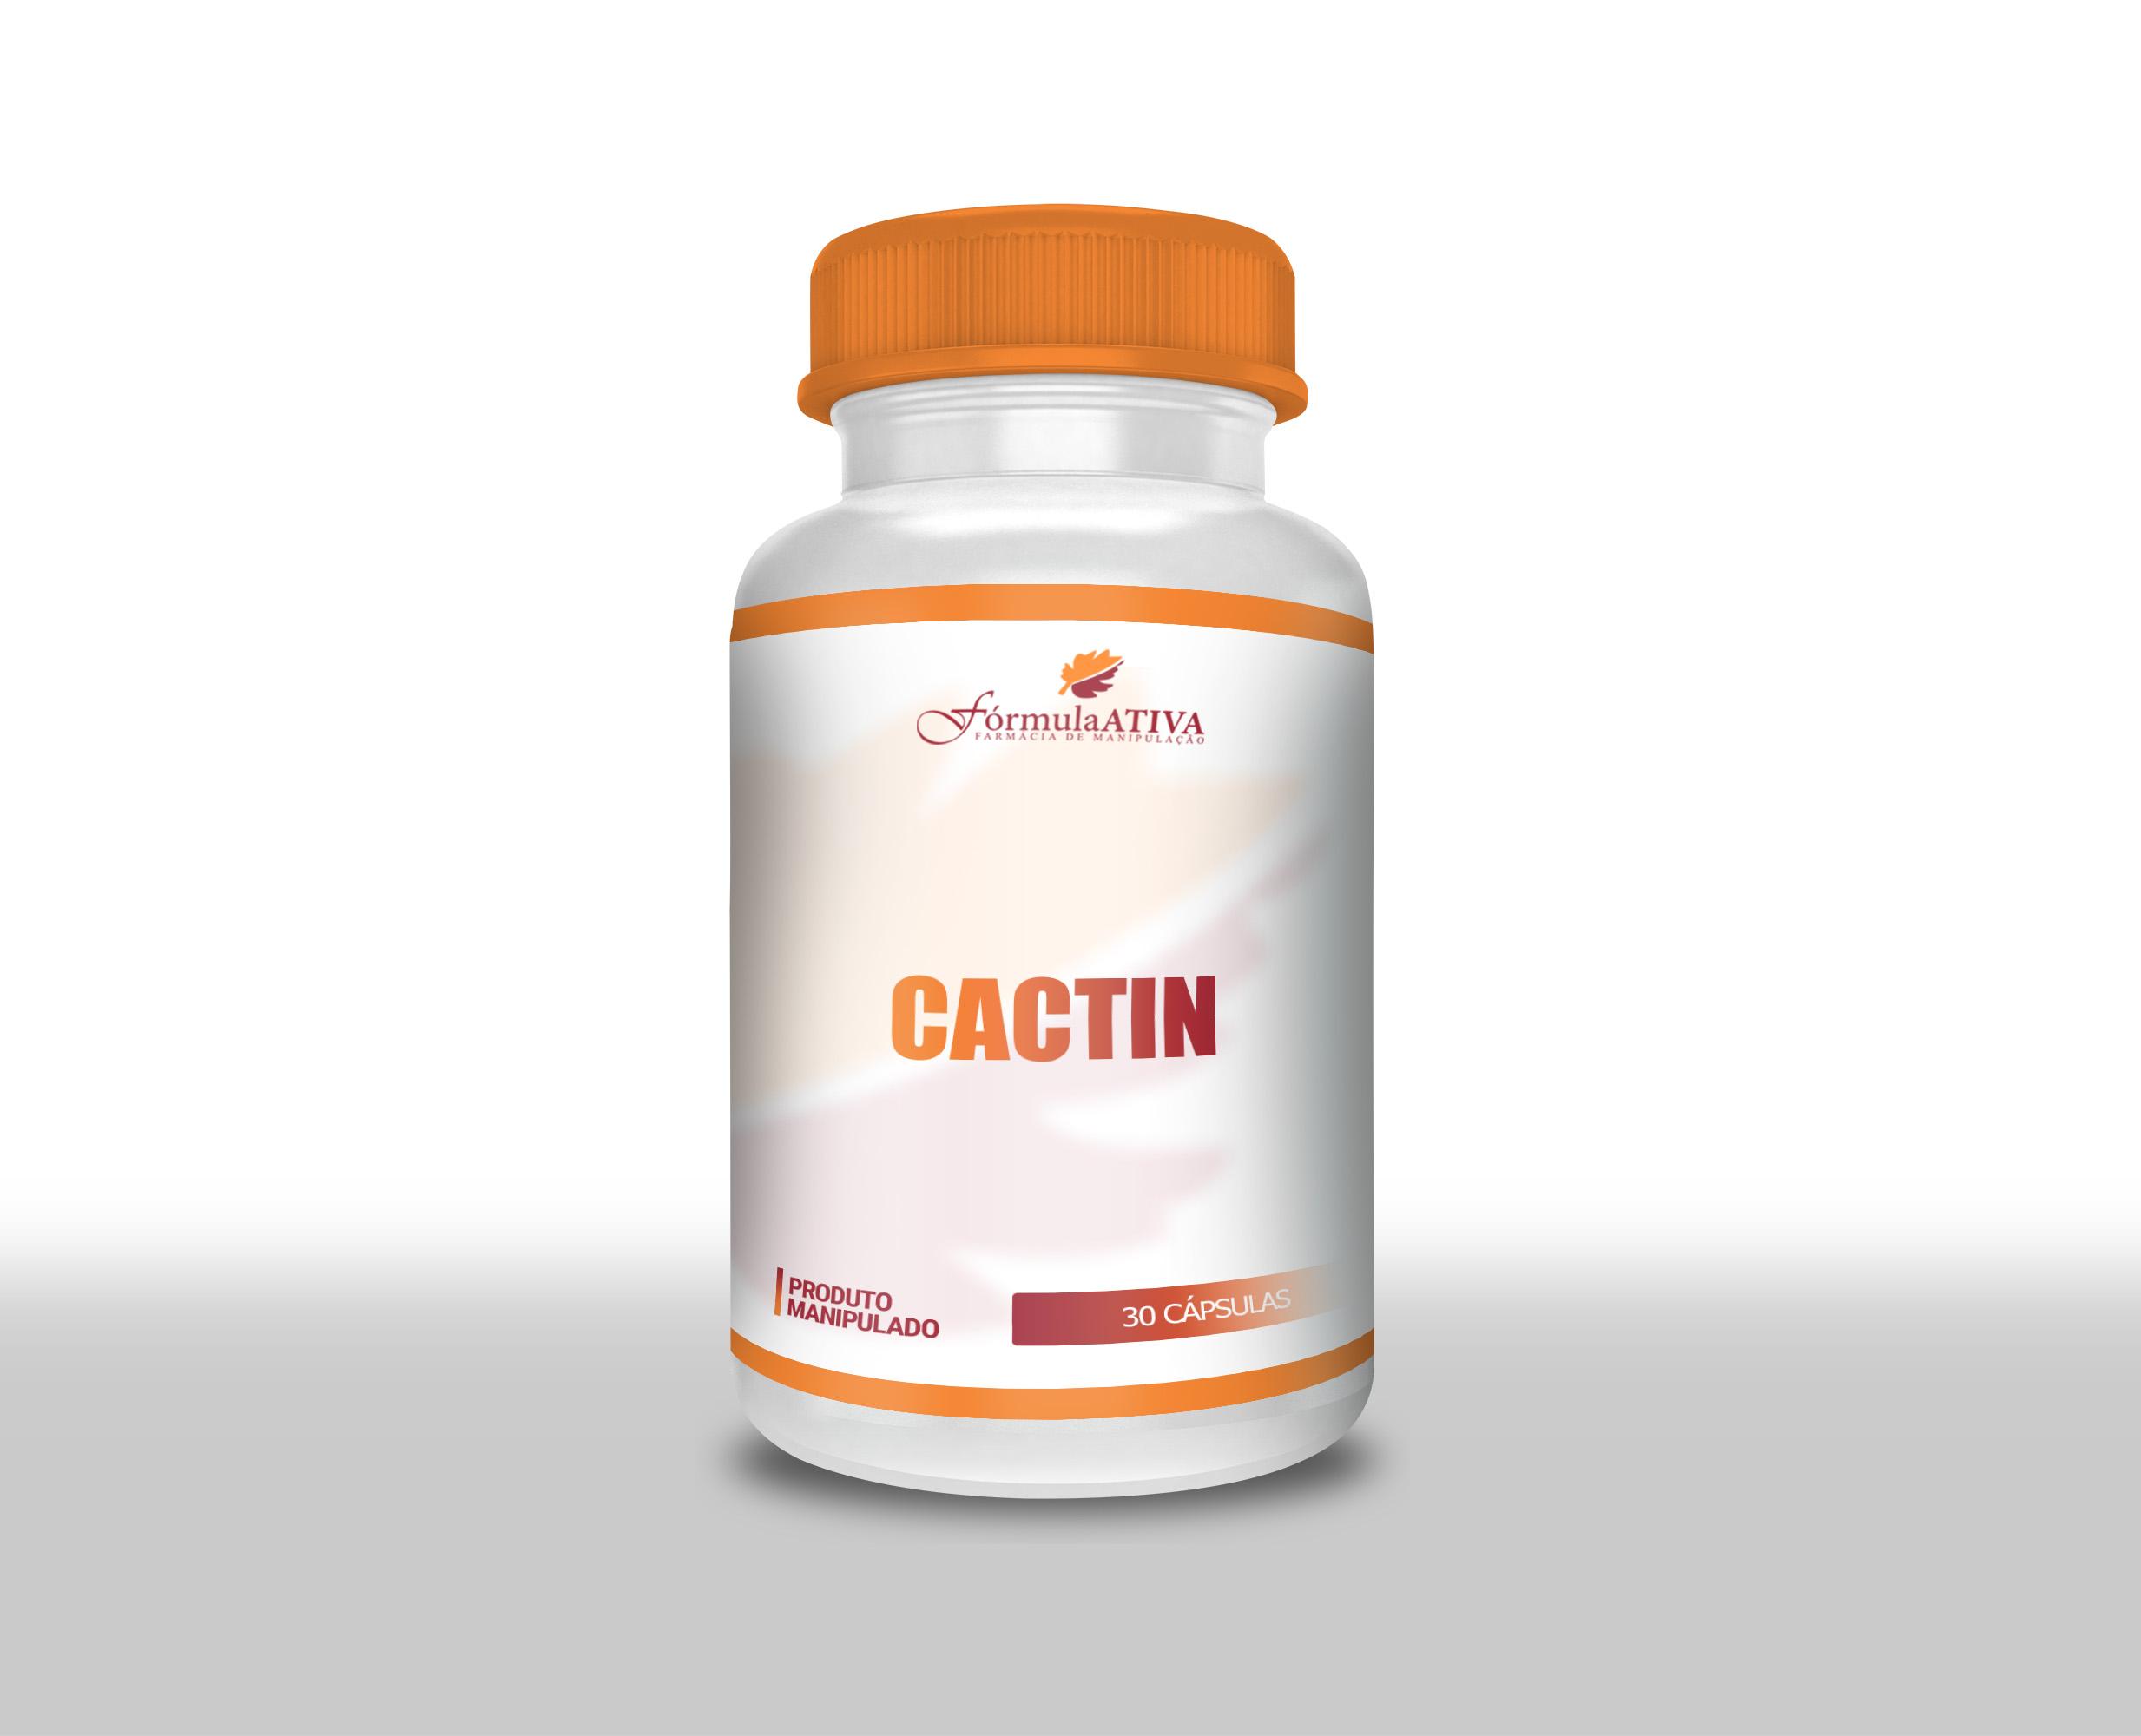 Cactin (500mg - 30 doses)